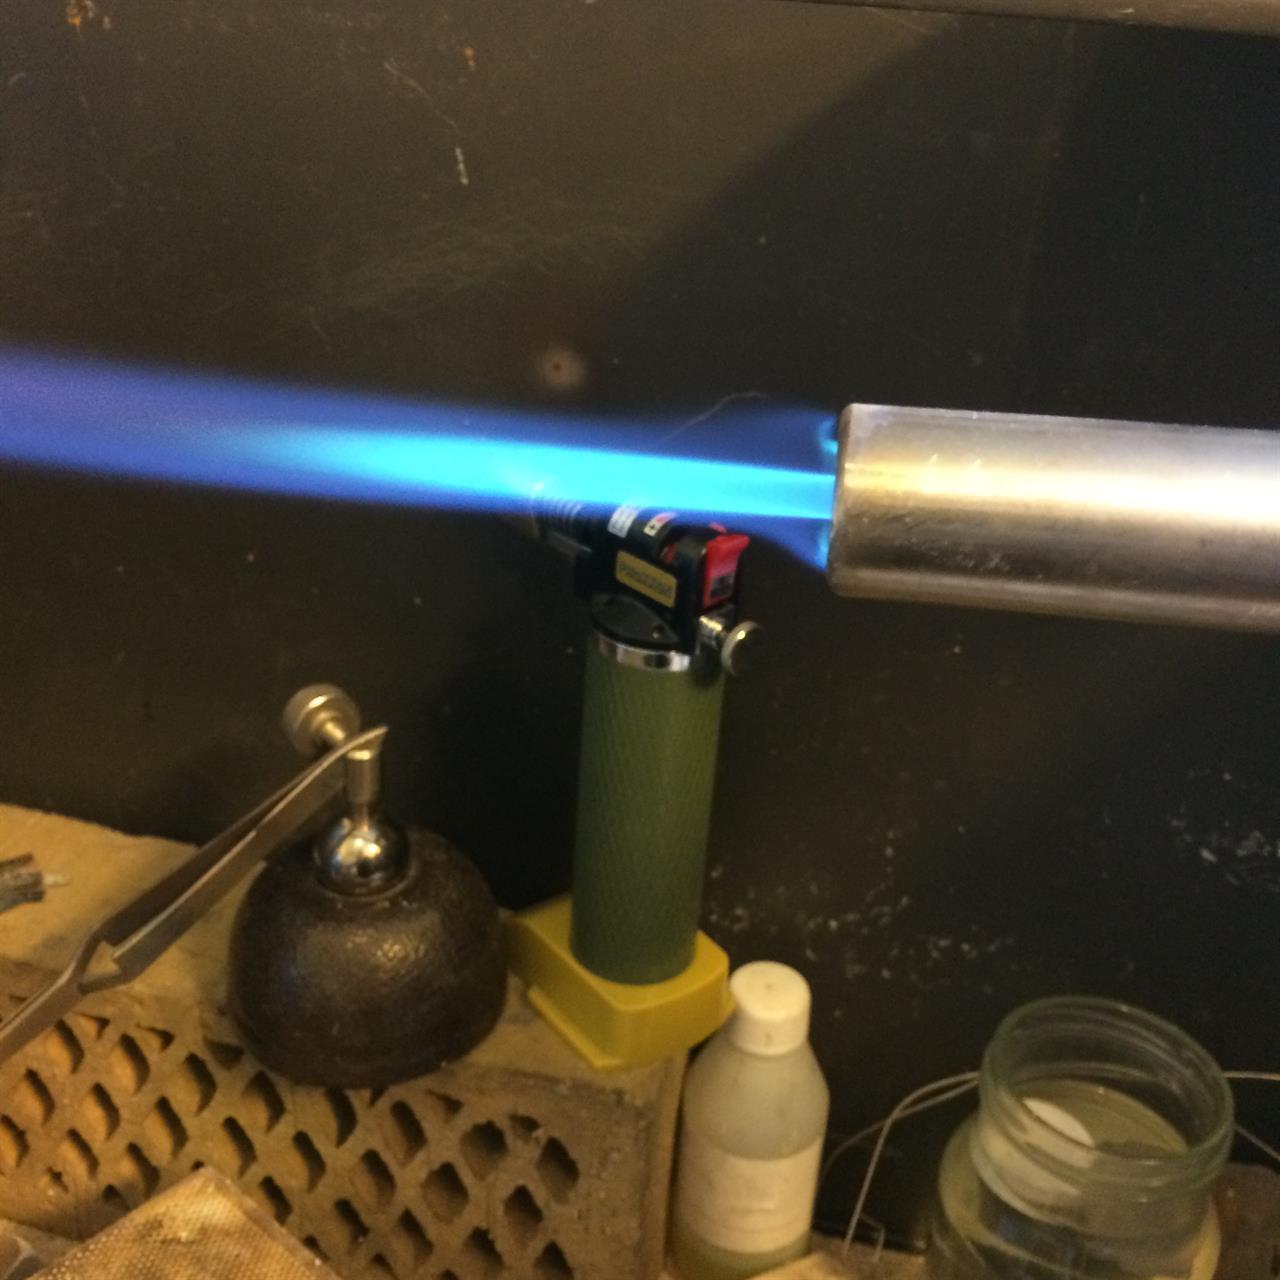 Brännare med blå låga.